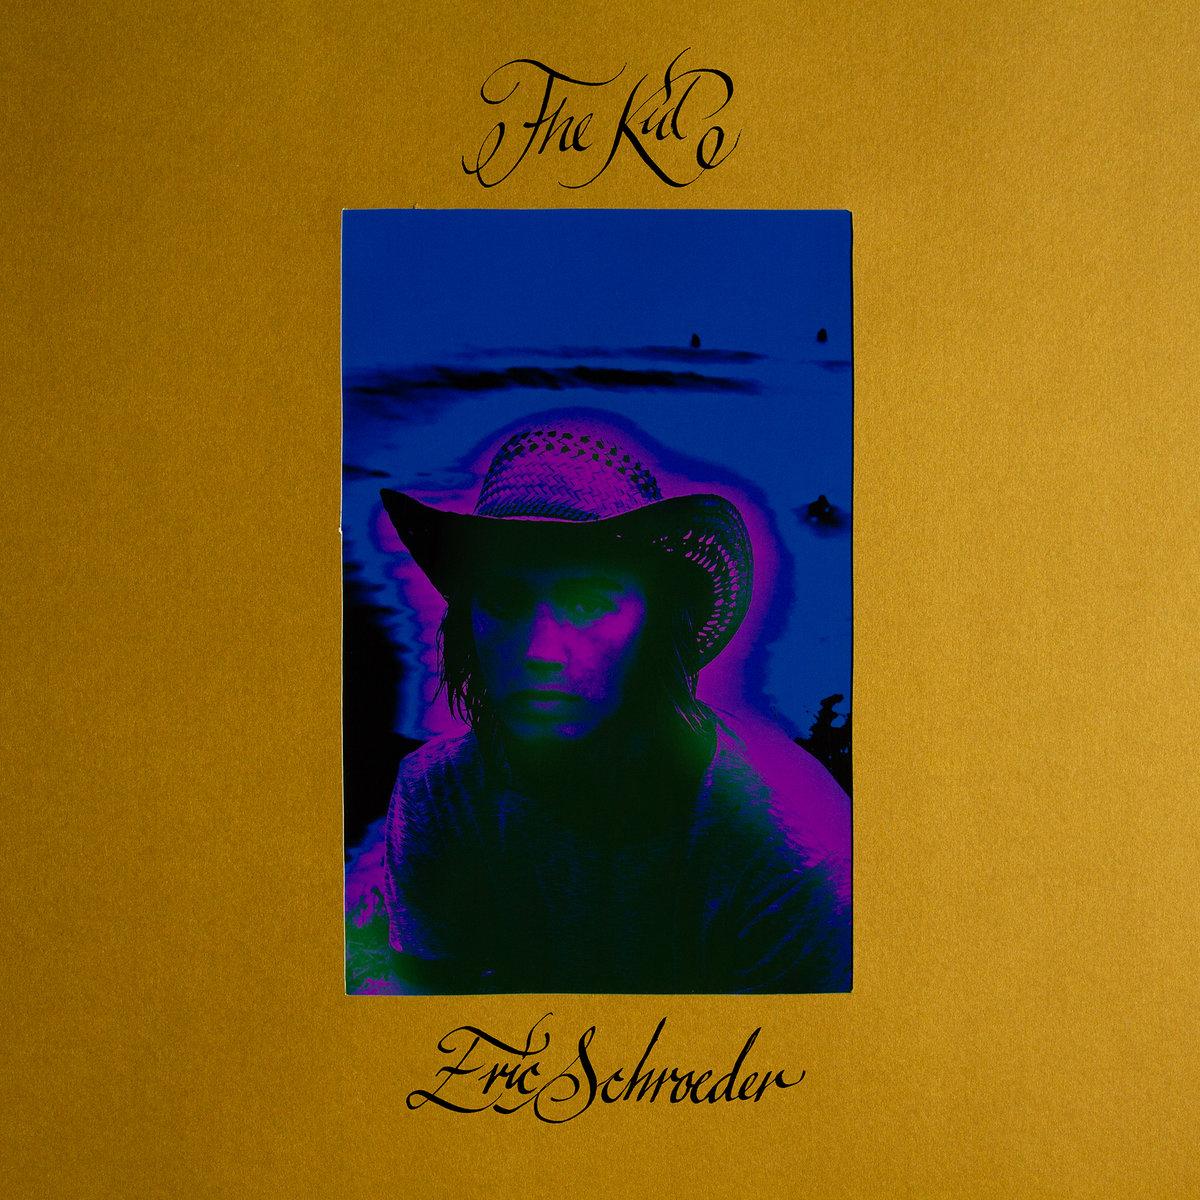 The Kid Eric Schroeder